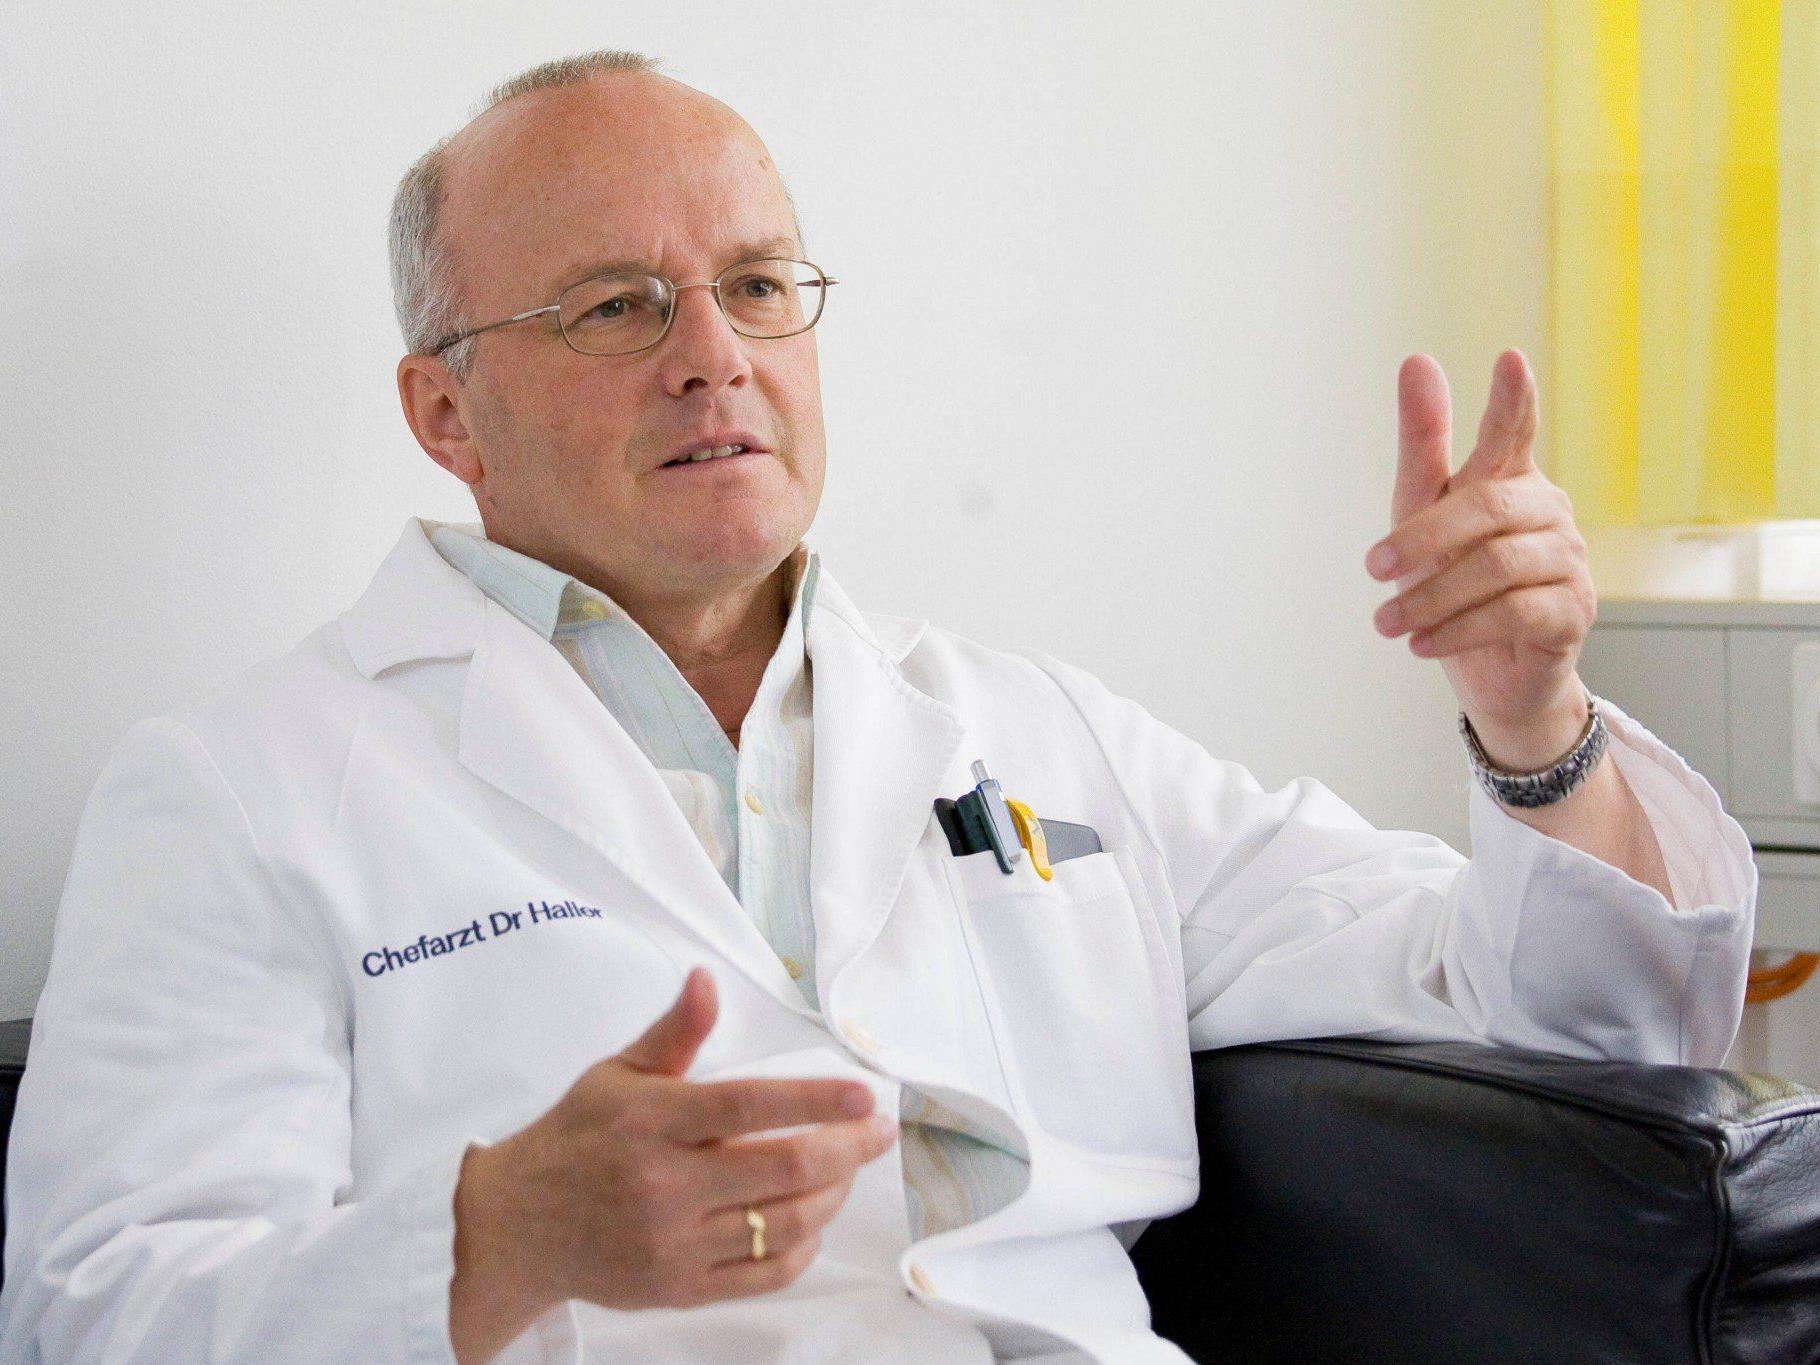 Haller-Kritik an Substitutionstherapie.